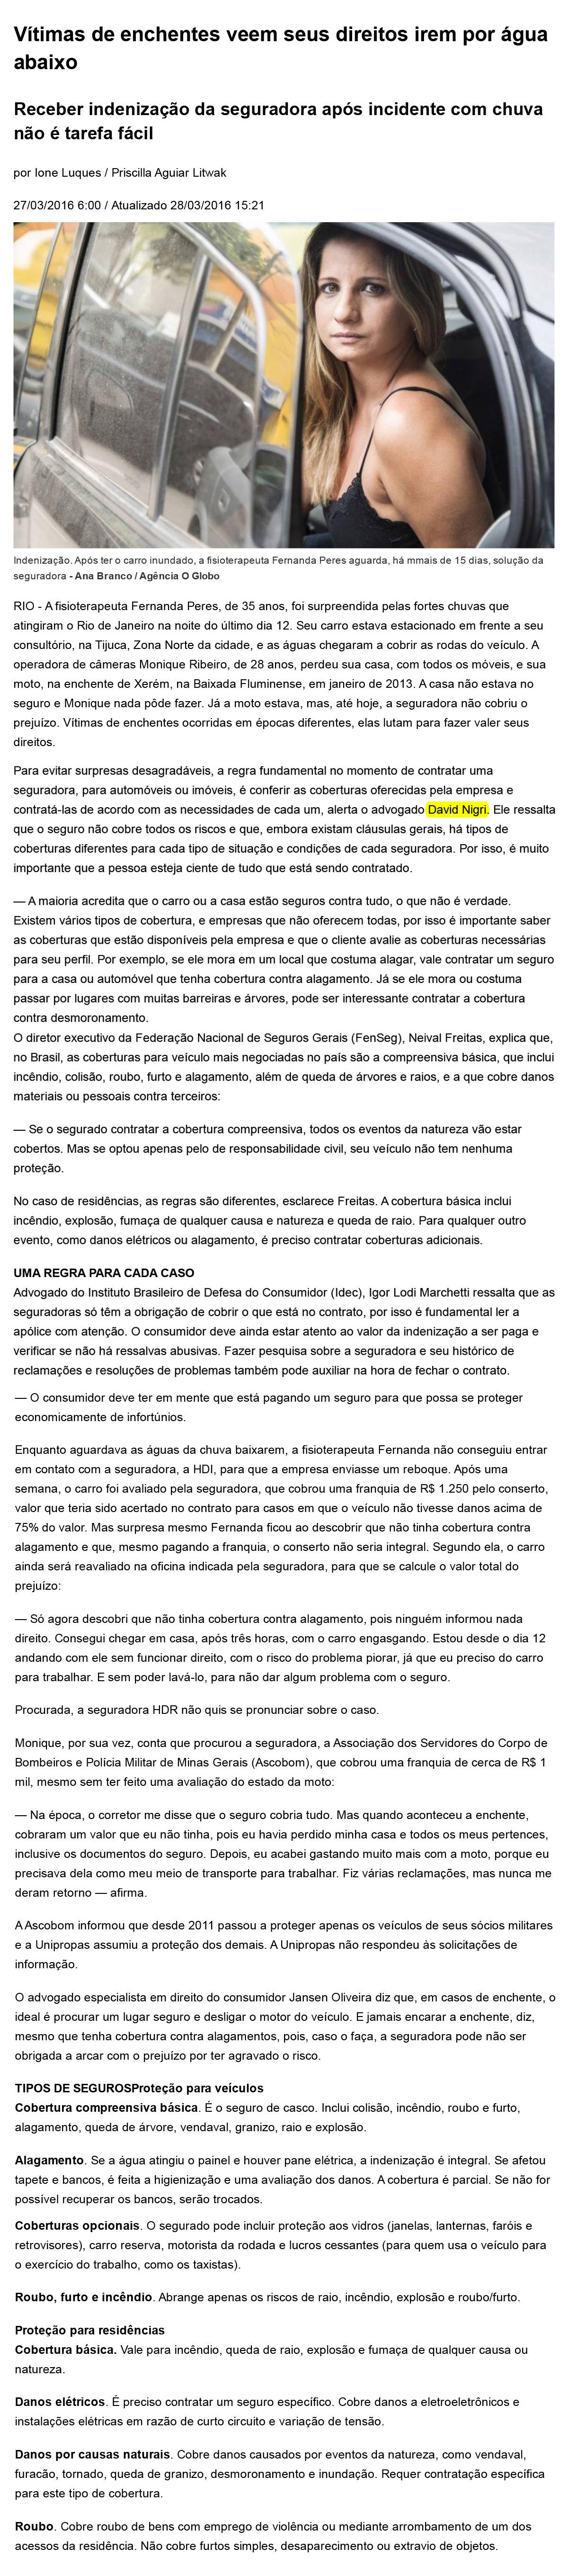 Vitimas-de-enchentes-veem-seus-direitos-irem-por-agua-abaixo-Jornal-O-Globo